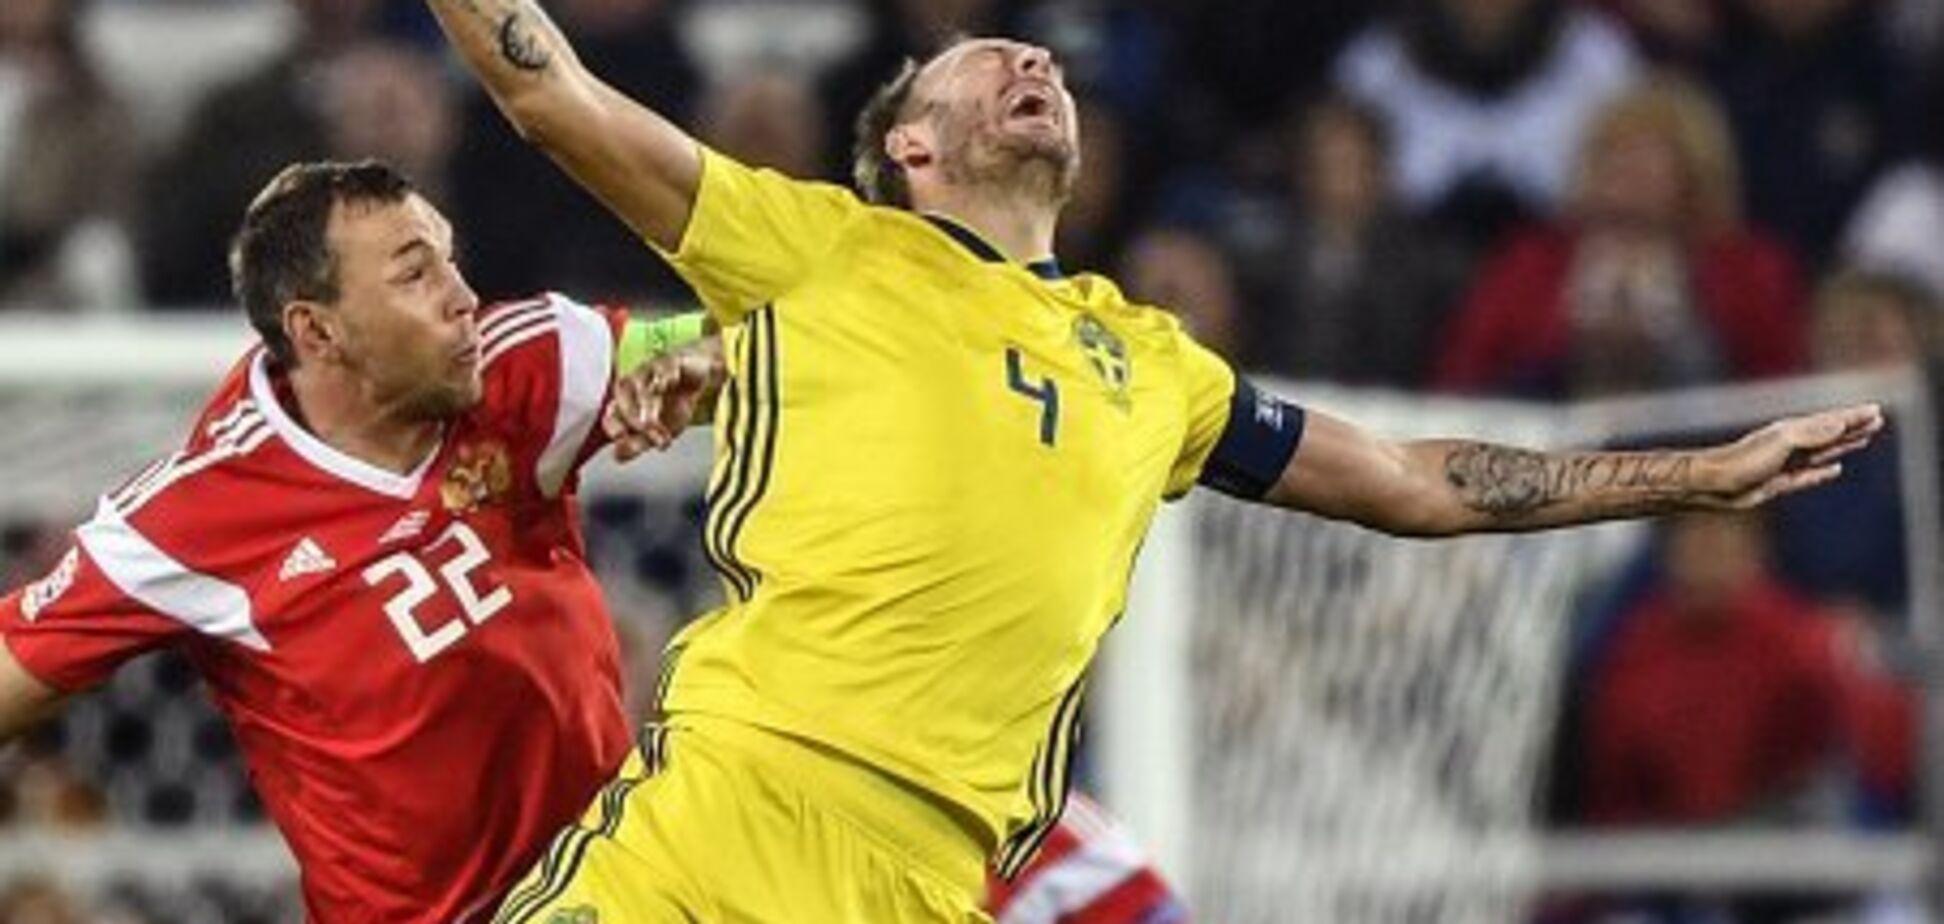 Швеція — Росія: де зараз дивитися вирішальний матч Ліги націй